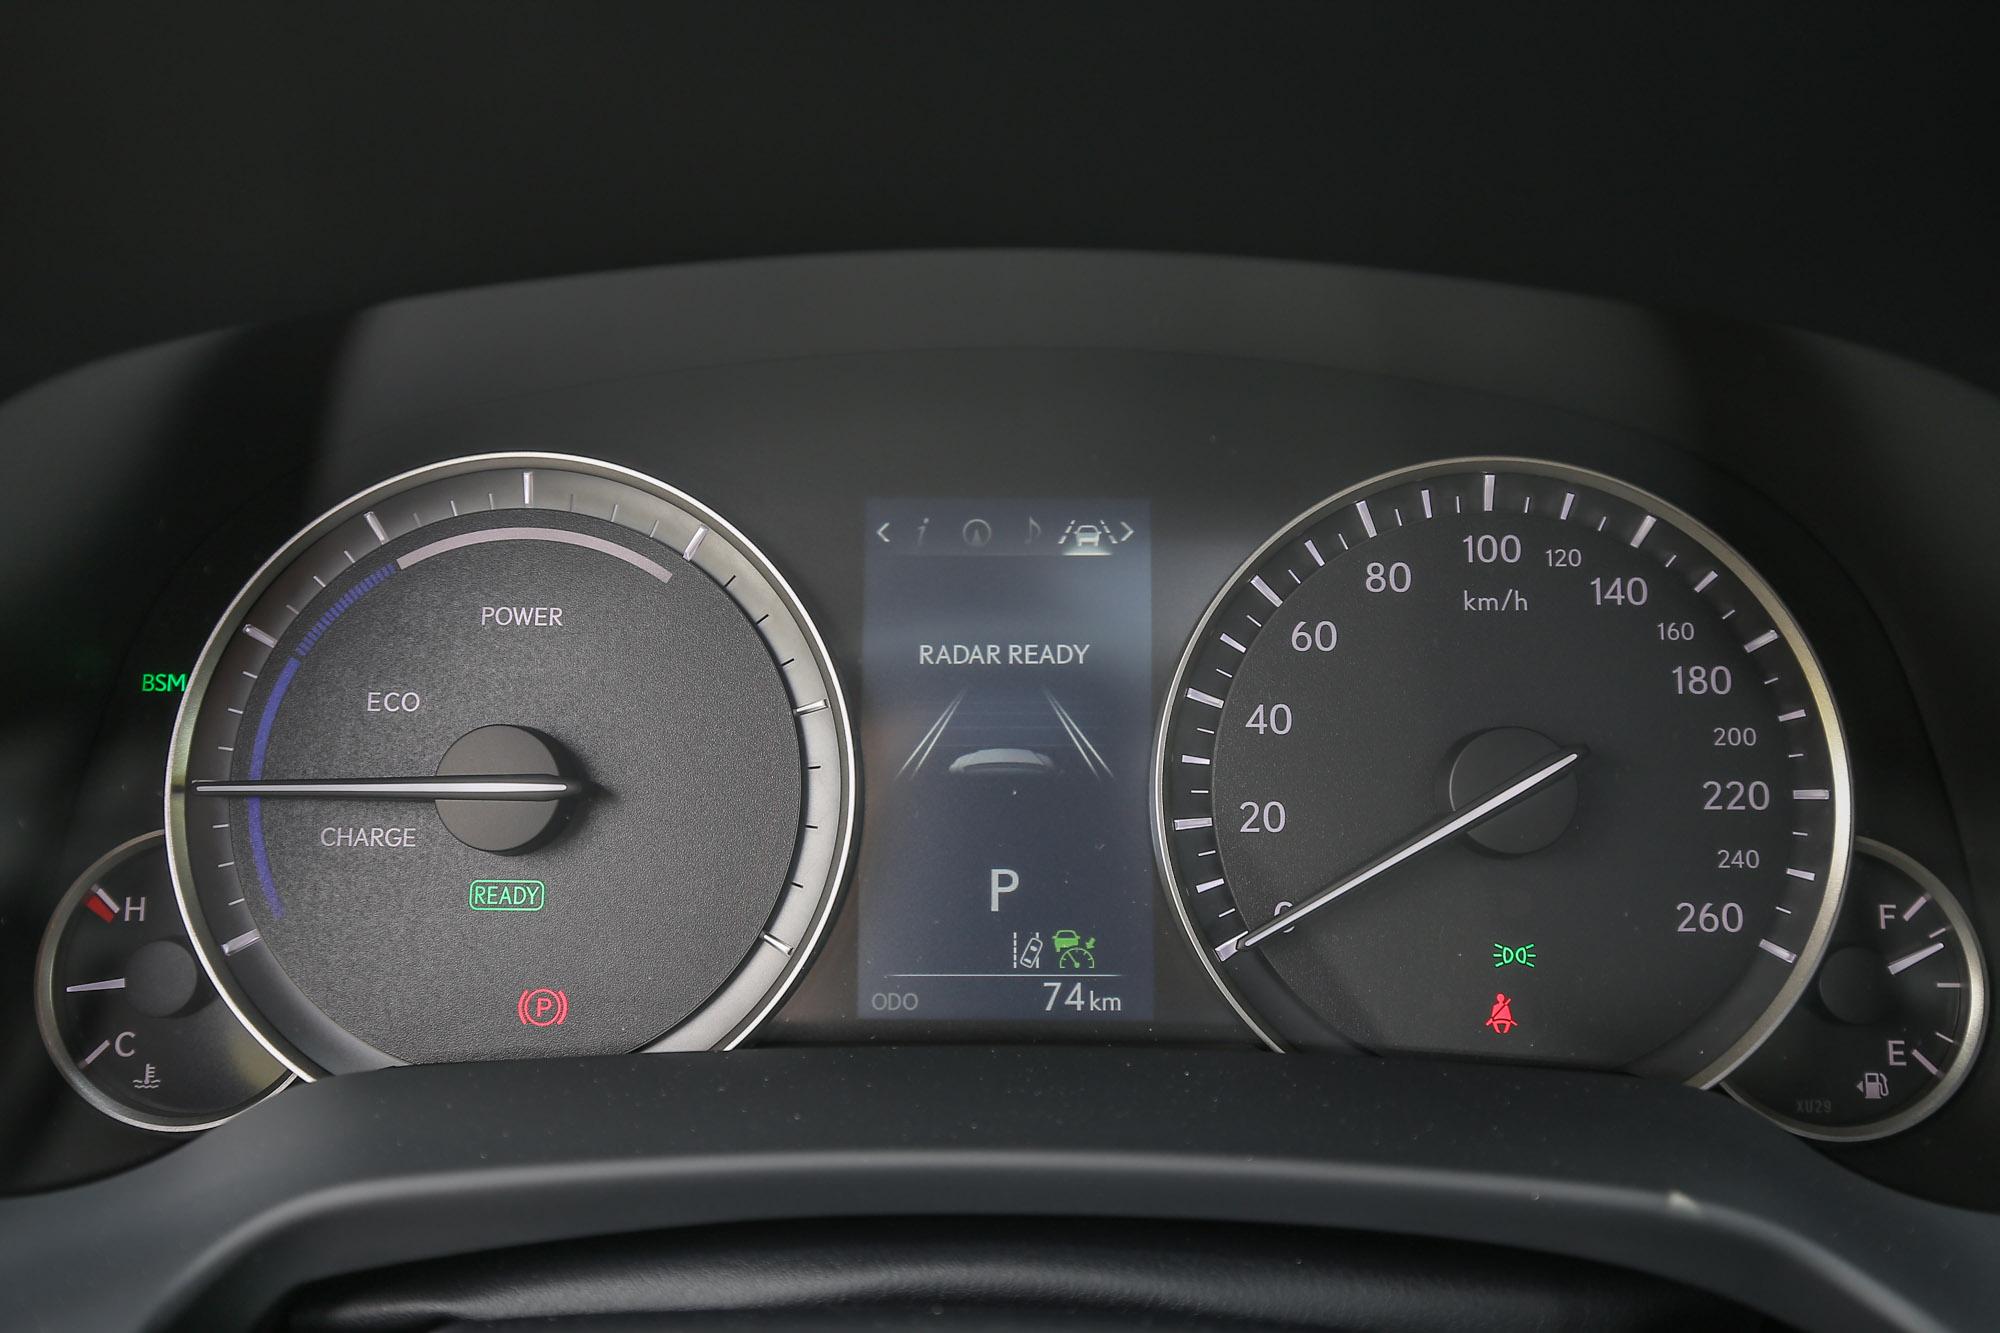 並沒有採用當前時興的全液晶數位儀表,RX 車系仍使用傳統的指針式設計,僅於中央設置數位顯示幕。